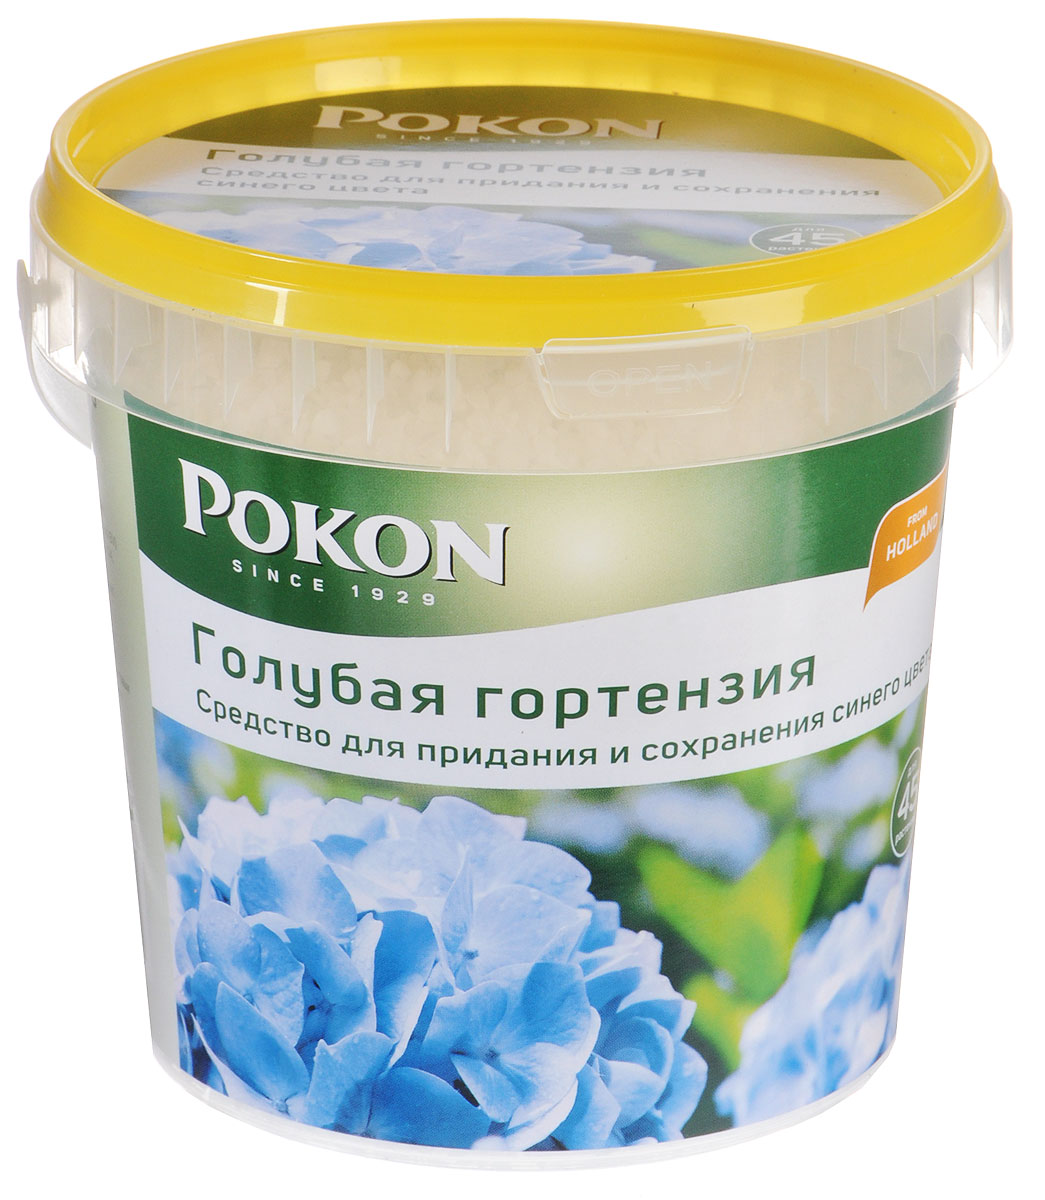 Средство для придания и сохранения синего цвета Pokon Голубая гортензия, 900 г7582811168/S343168ВСо временем голубые гортензии утрачивают свой цвет и становятся розовыми, если они растут в почве, бедной солями алюминия. У этой проблемы есть решение. Средство Pokon быстро возвращает соцветиям голубой гортензии яркий и насыщенный цвет.Инструкция по применению: - Отмерьте нужное количество мерной крышечкой (15-20 г на 1 растение, в зависимости от размера). - Растворите средство в воде для полива (10 г на 1 л воды). - Полейте растения. - Не применяйте при температуре воздуха выше +15°С. - Используйте с июля по сентябрь. Состав: на основе сульфата алюминия - Al2(SO4)3. Средство по уходу за растениями соответствует нормам ЕС. Товар сертифицирован.